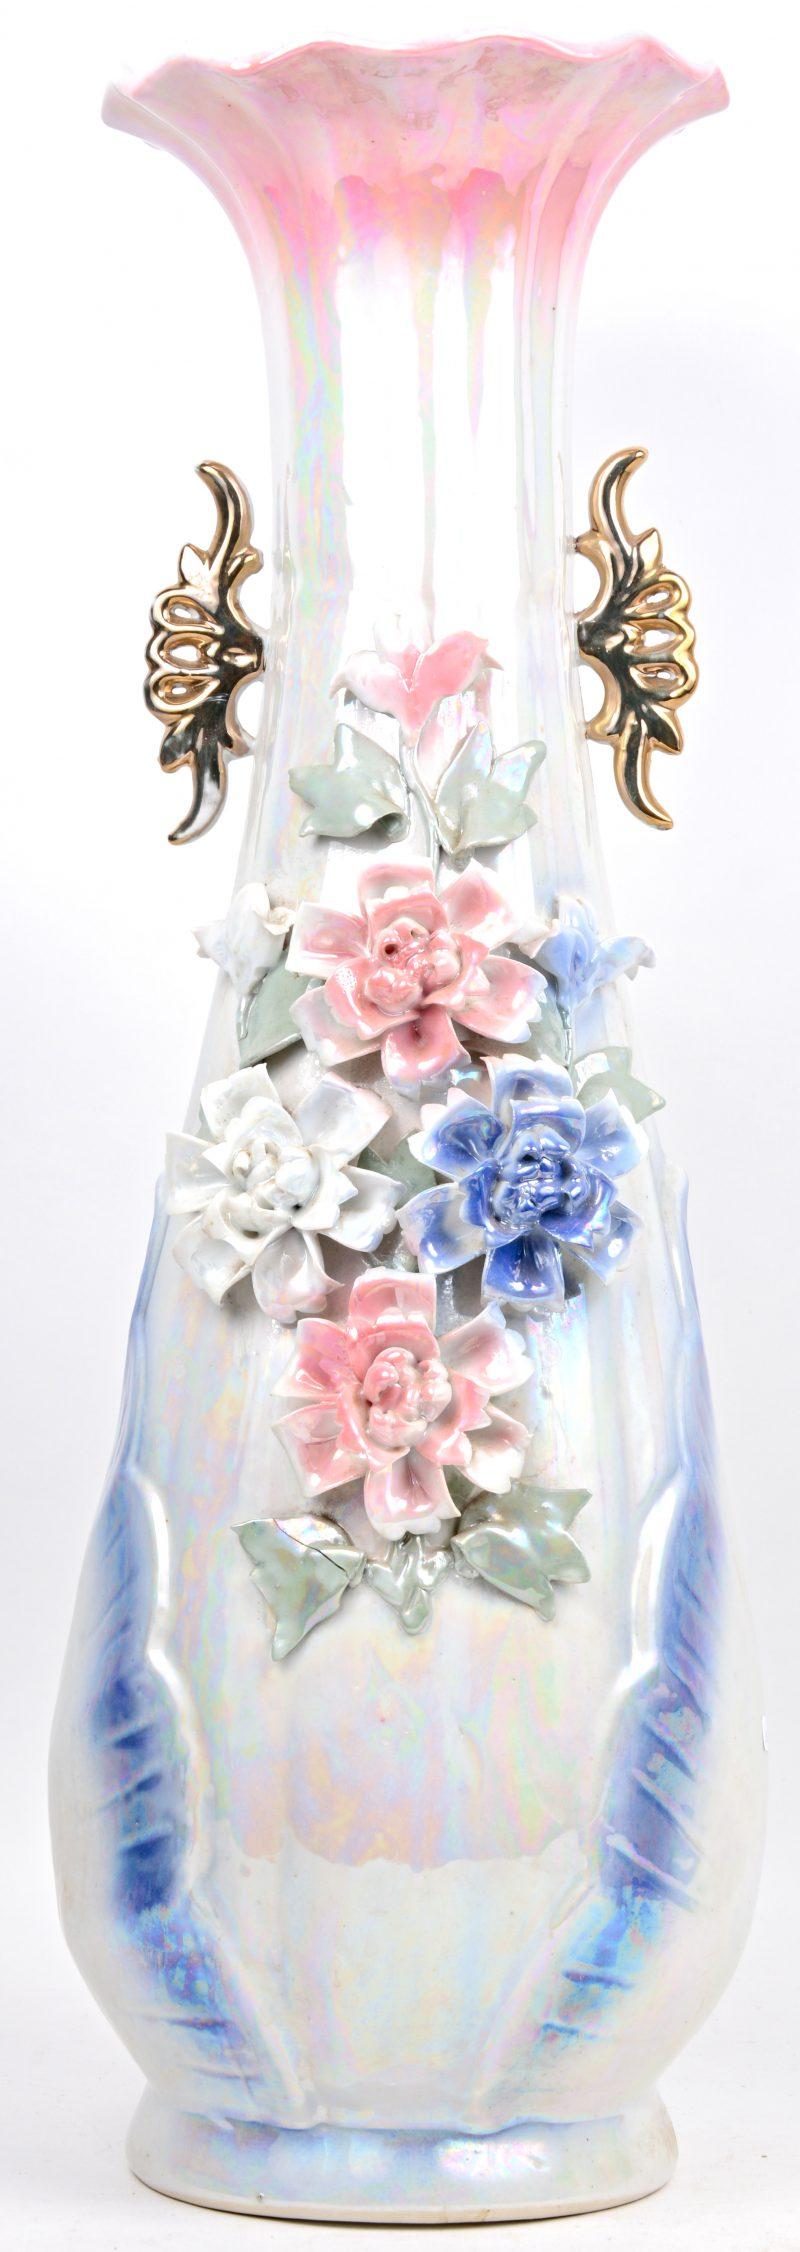 Een vaas van meerkleurig porselein met iriseren glazuur, versierd met bloemen en reliëf.